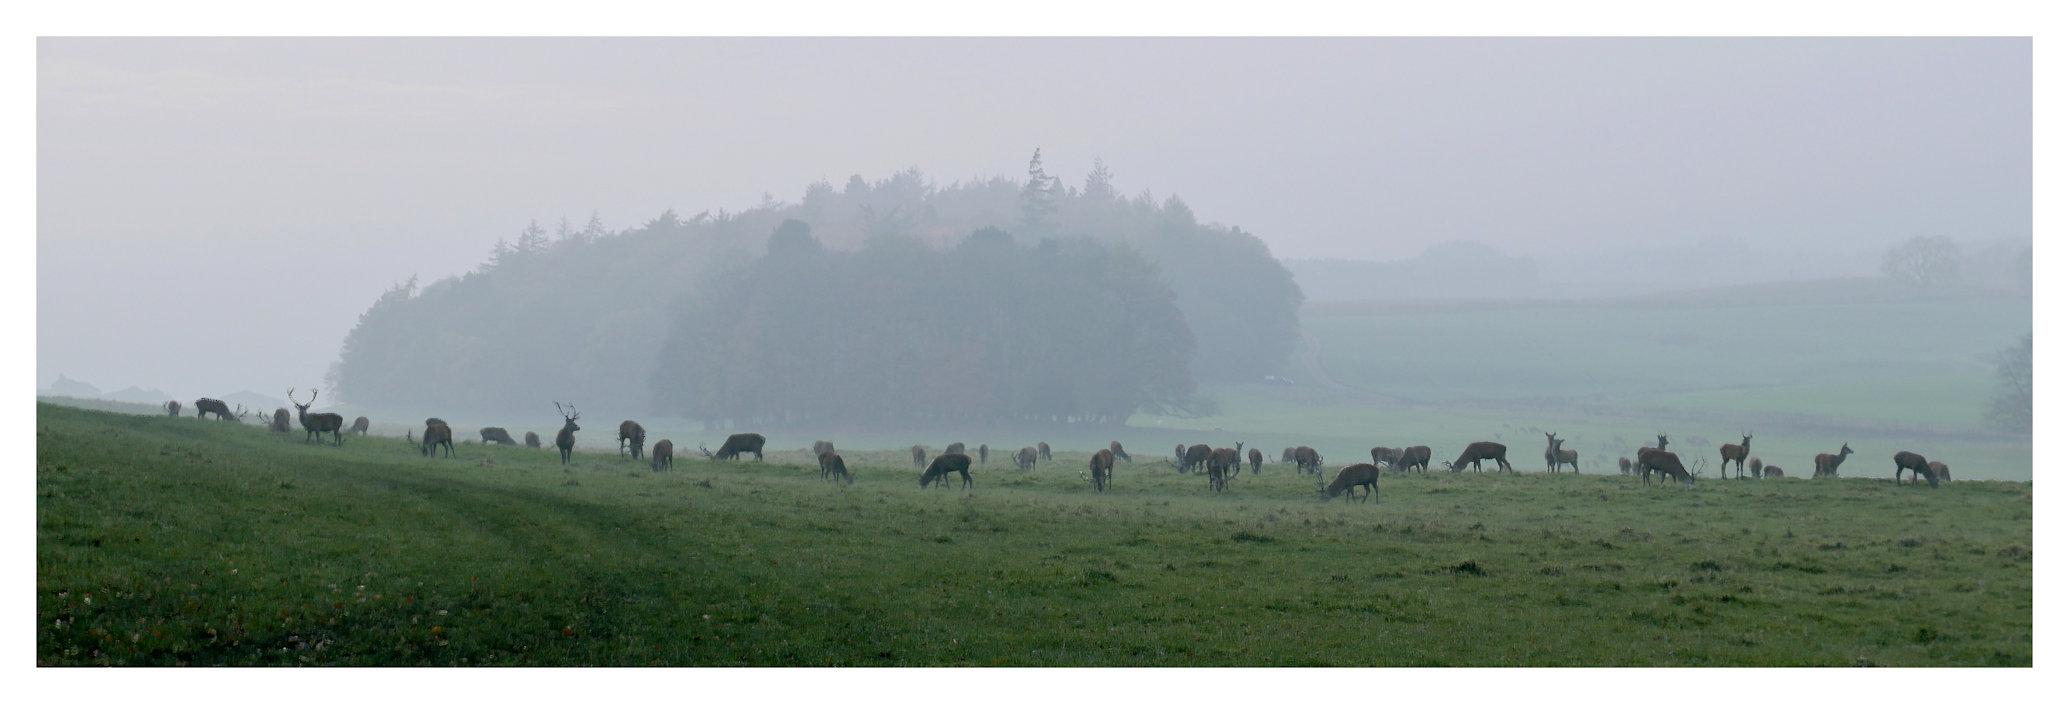 Raby herd.jpg